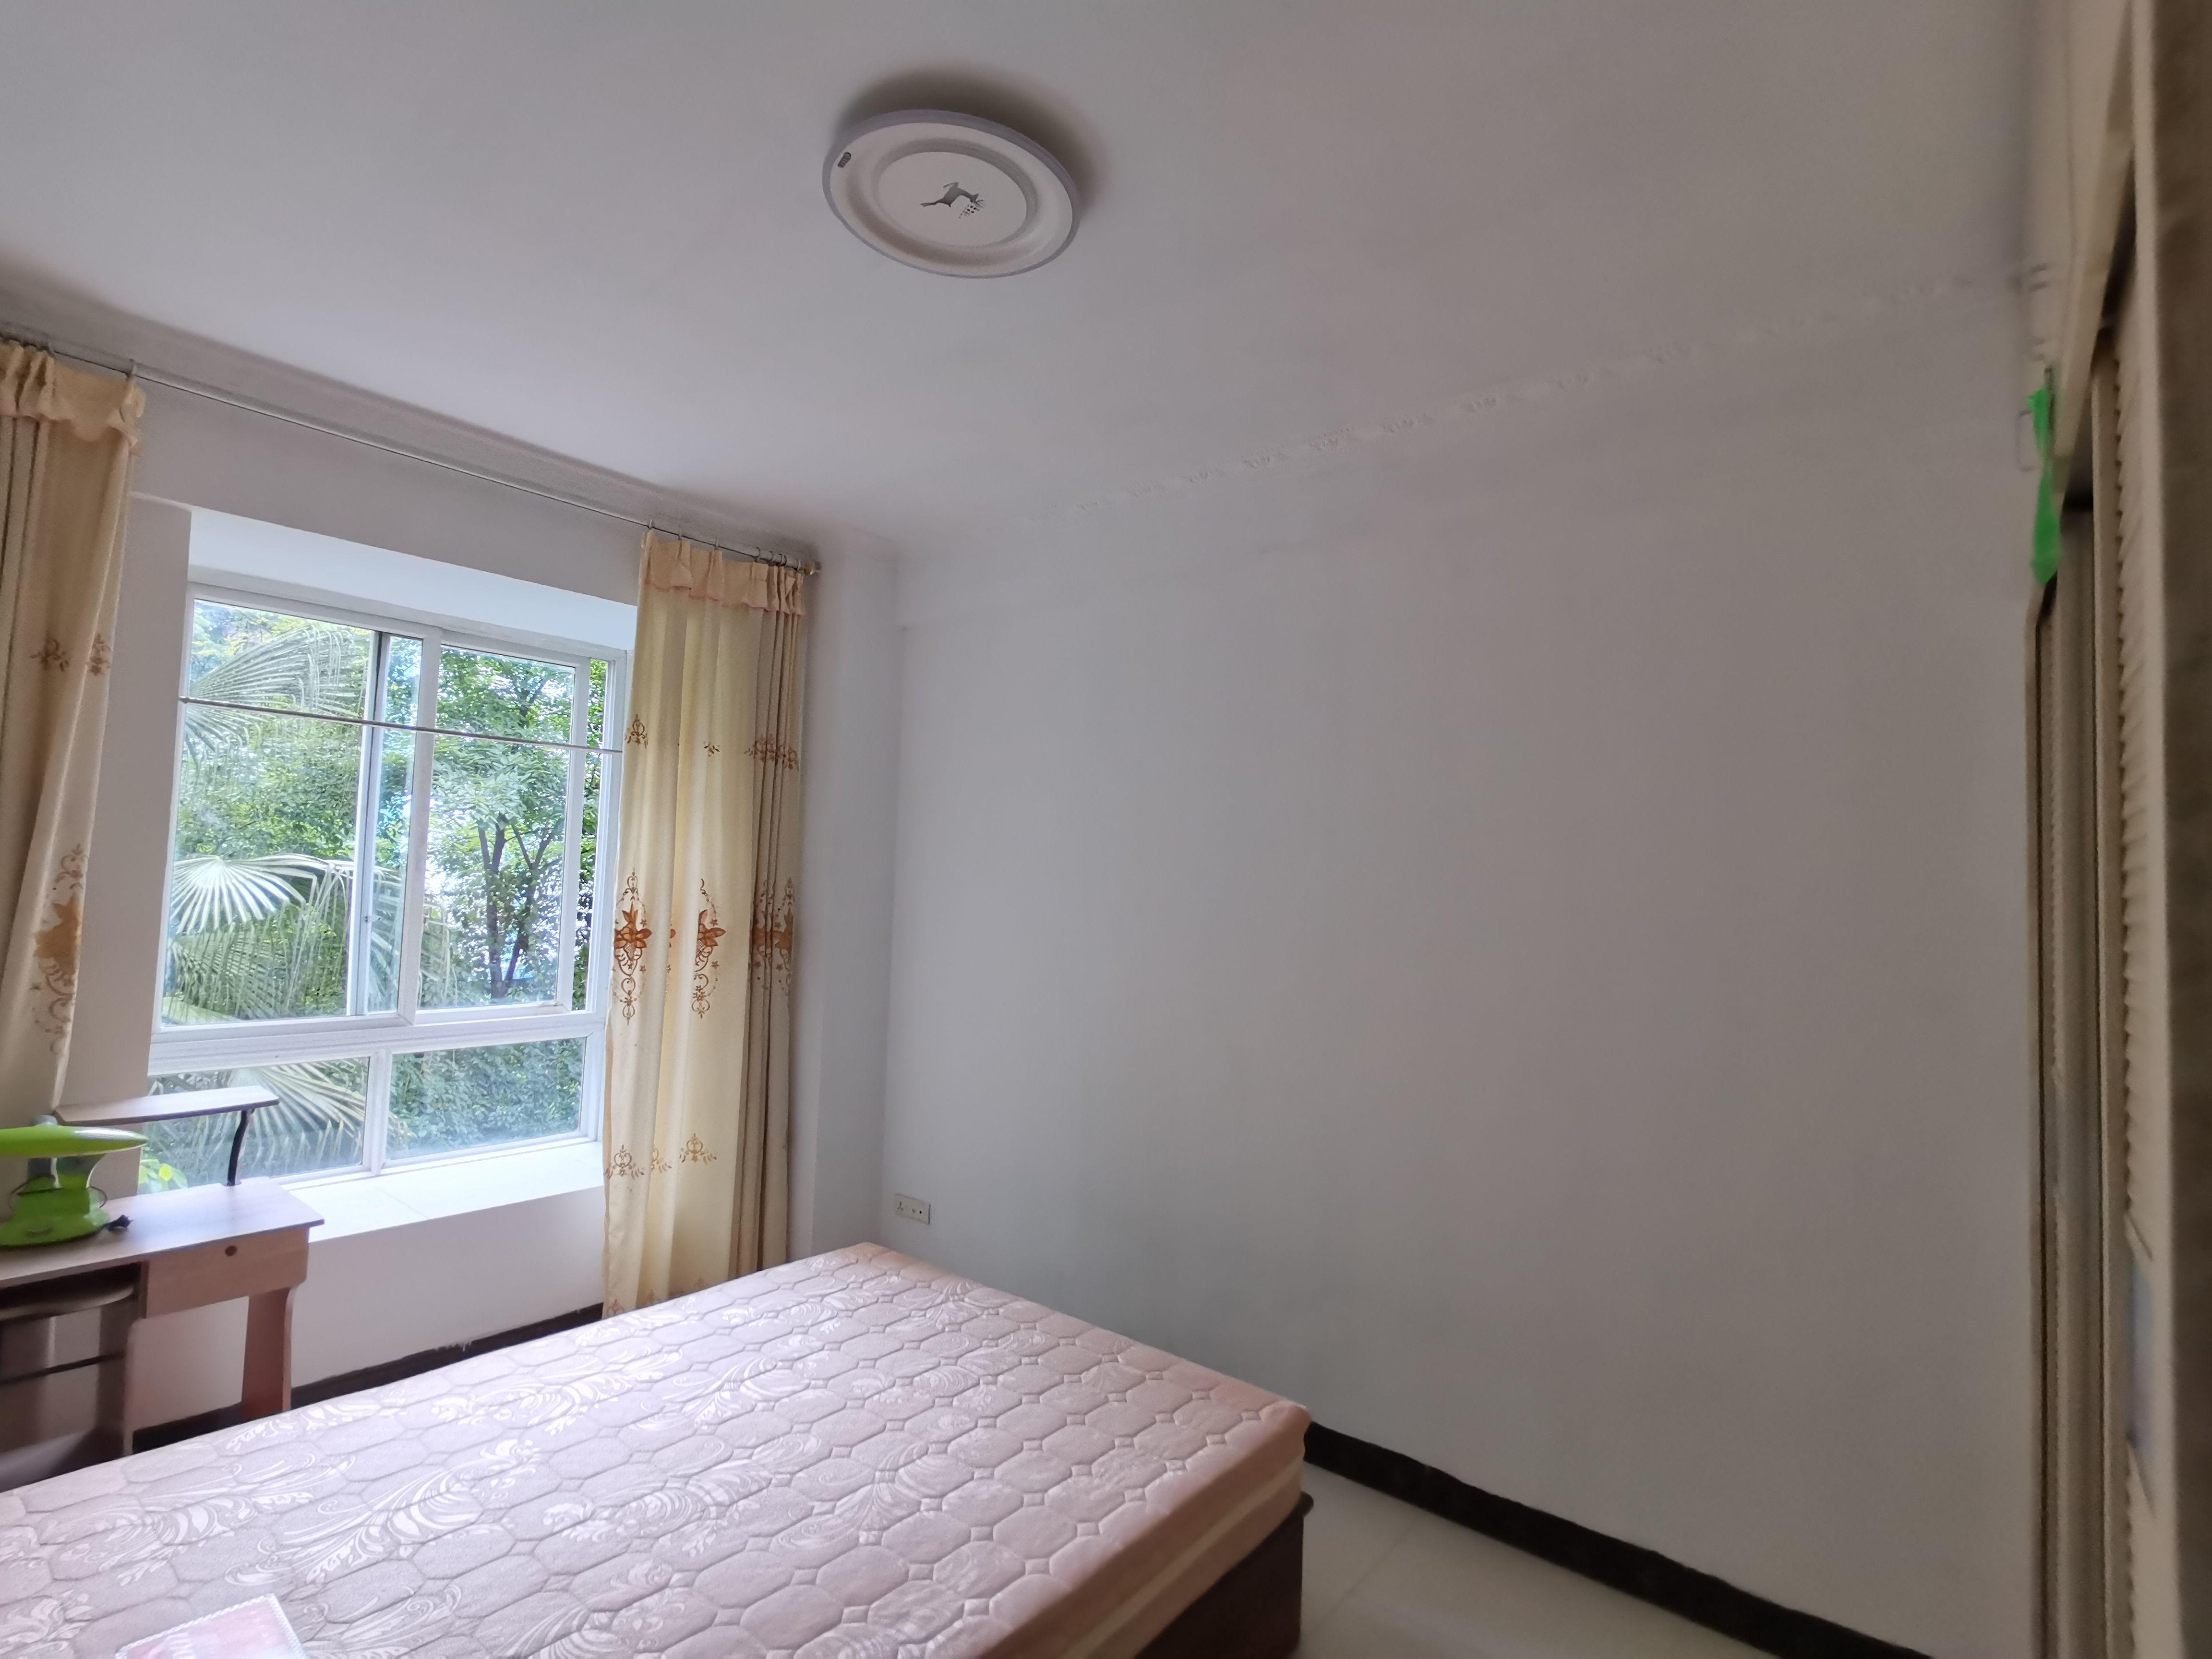 出租丽雅新居2室1厅1卫70平米面议住宅